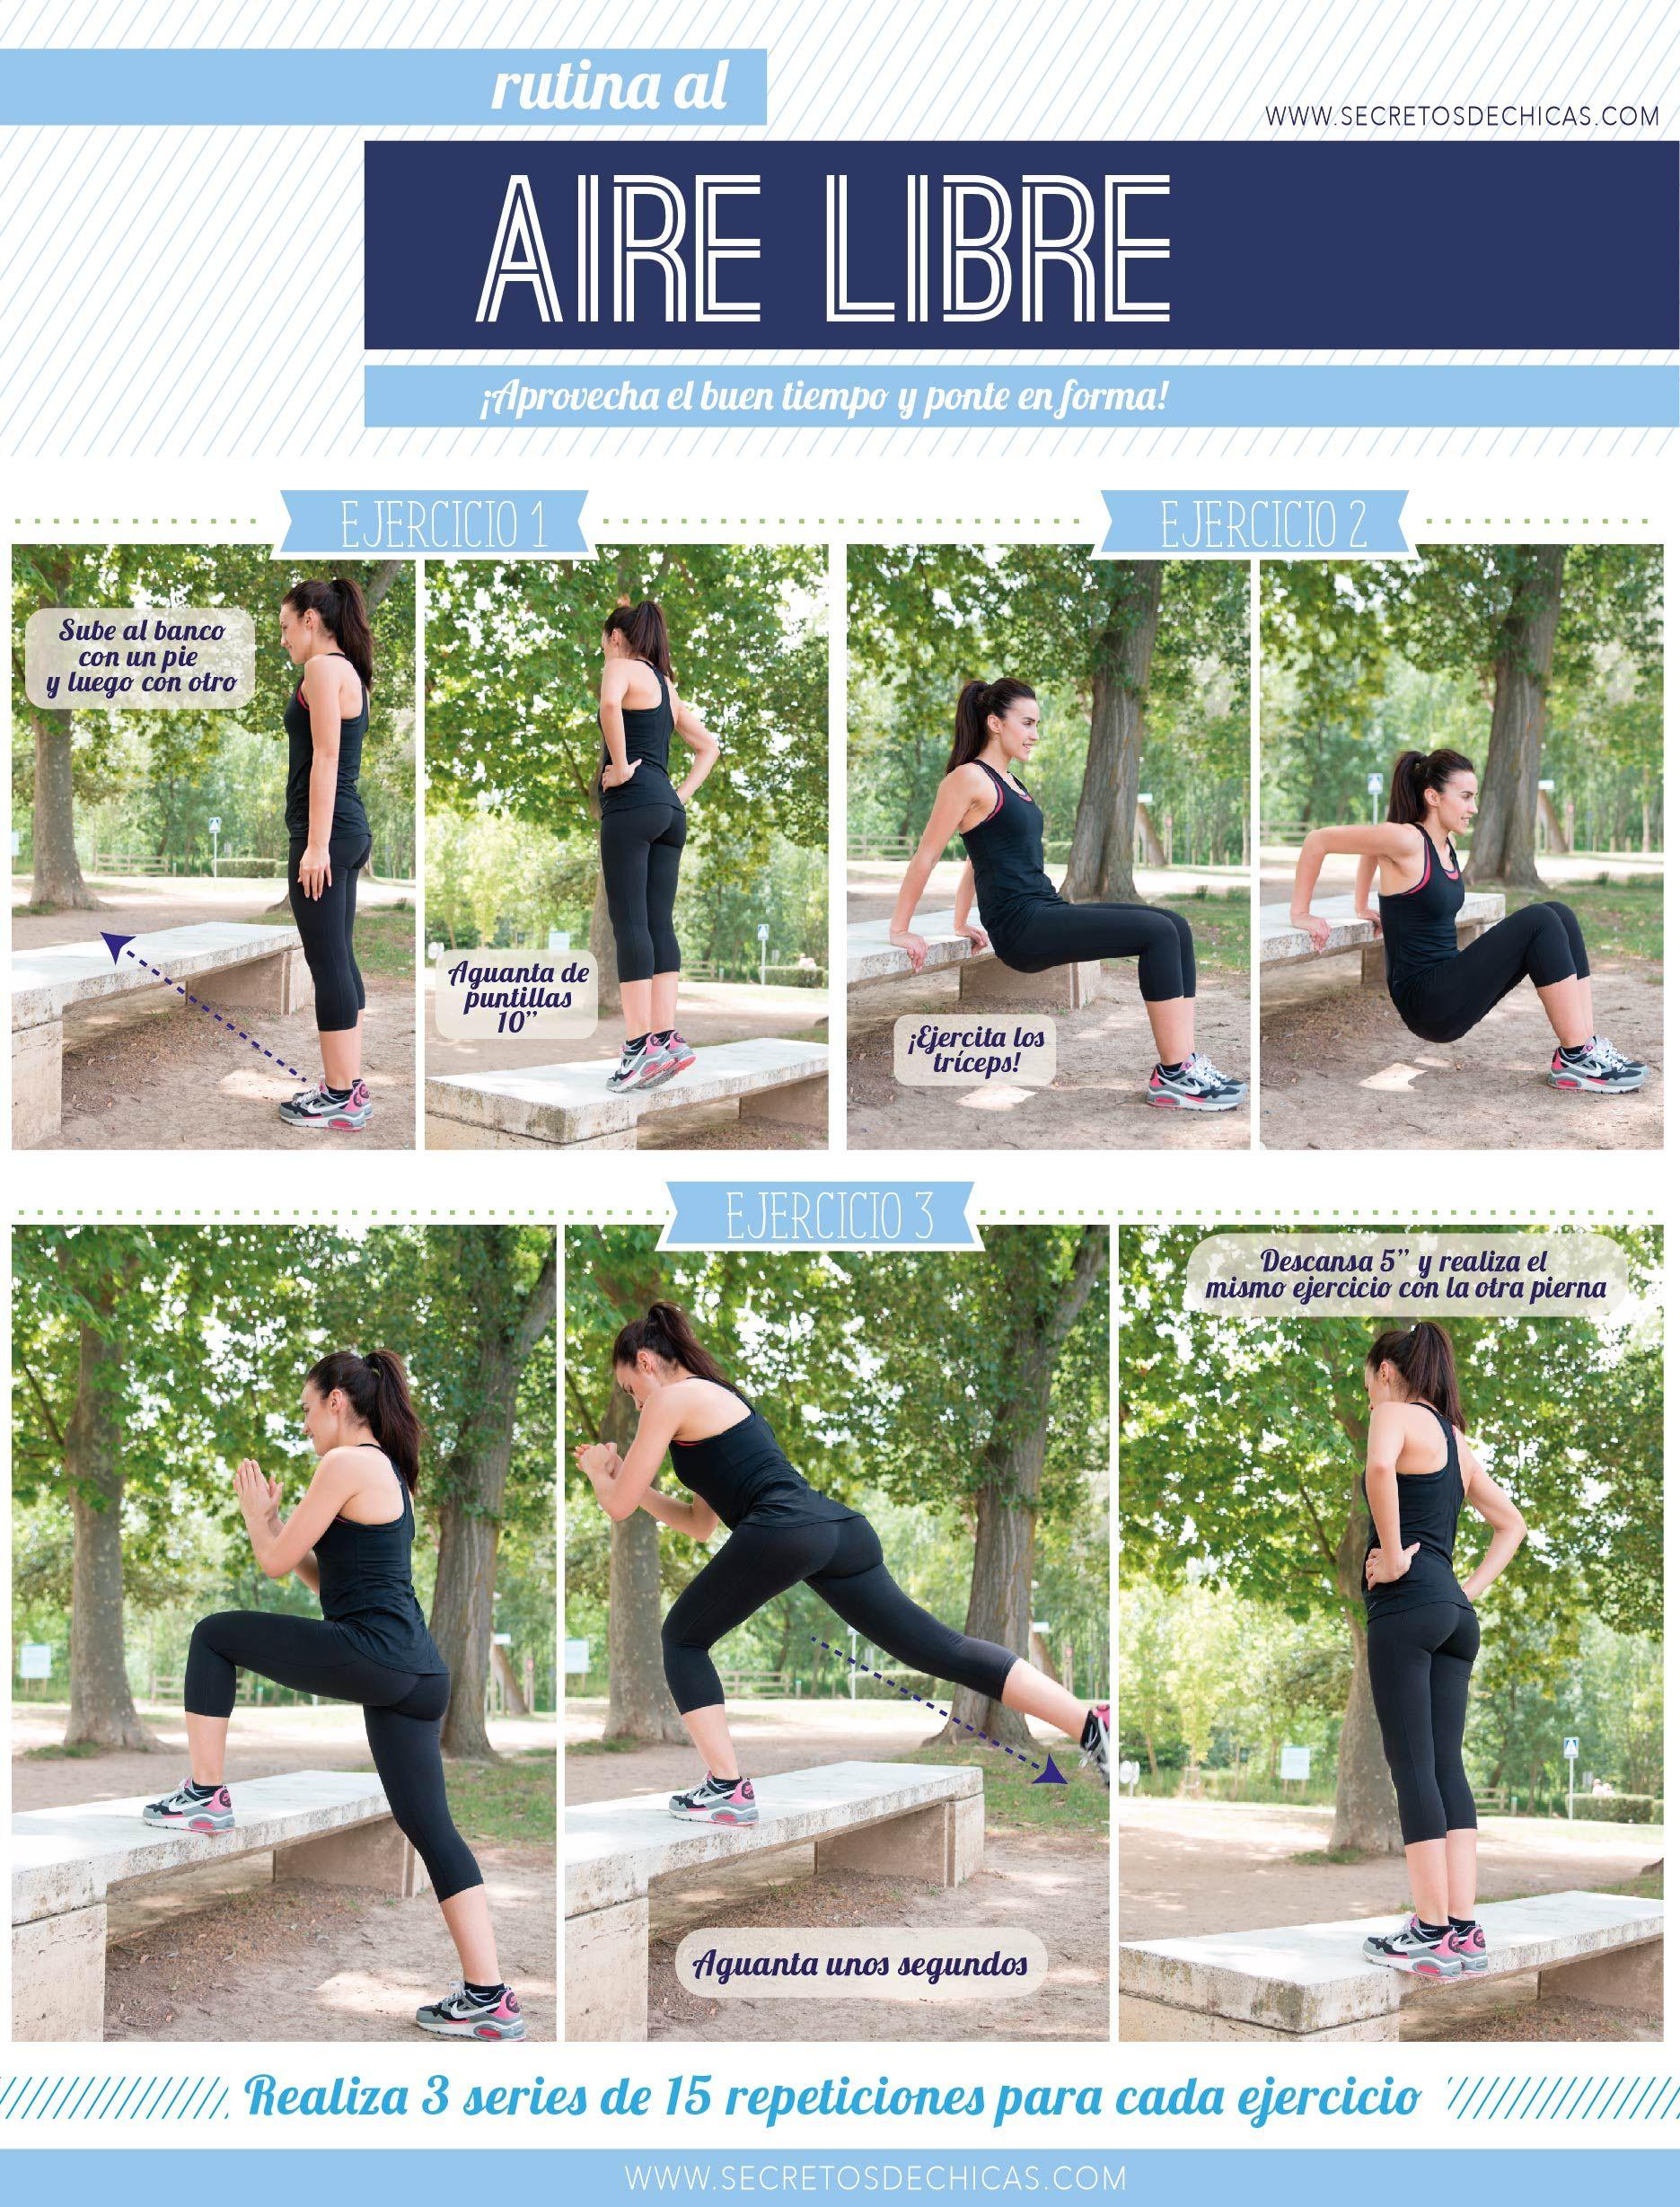 al aire libre rutina de ejercicio